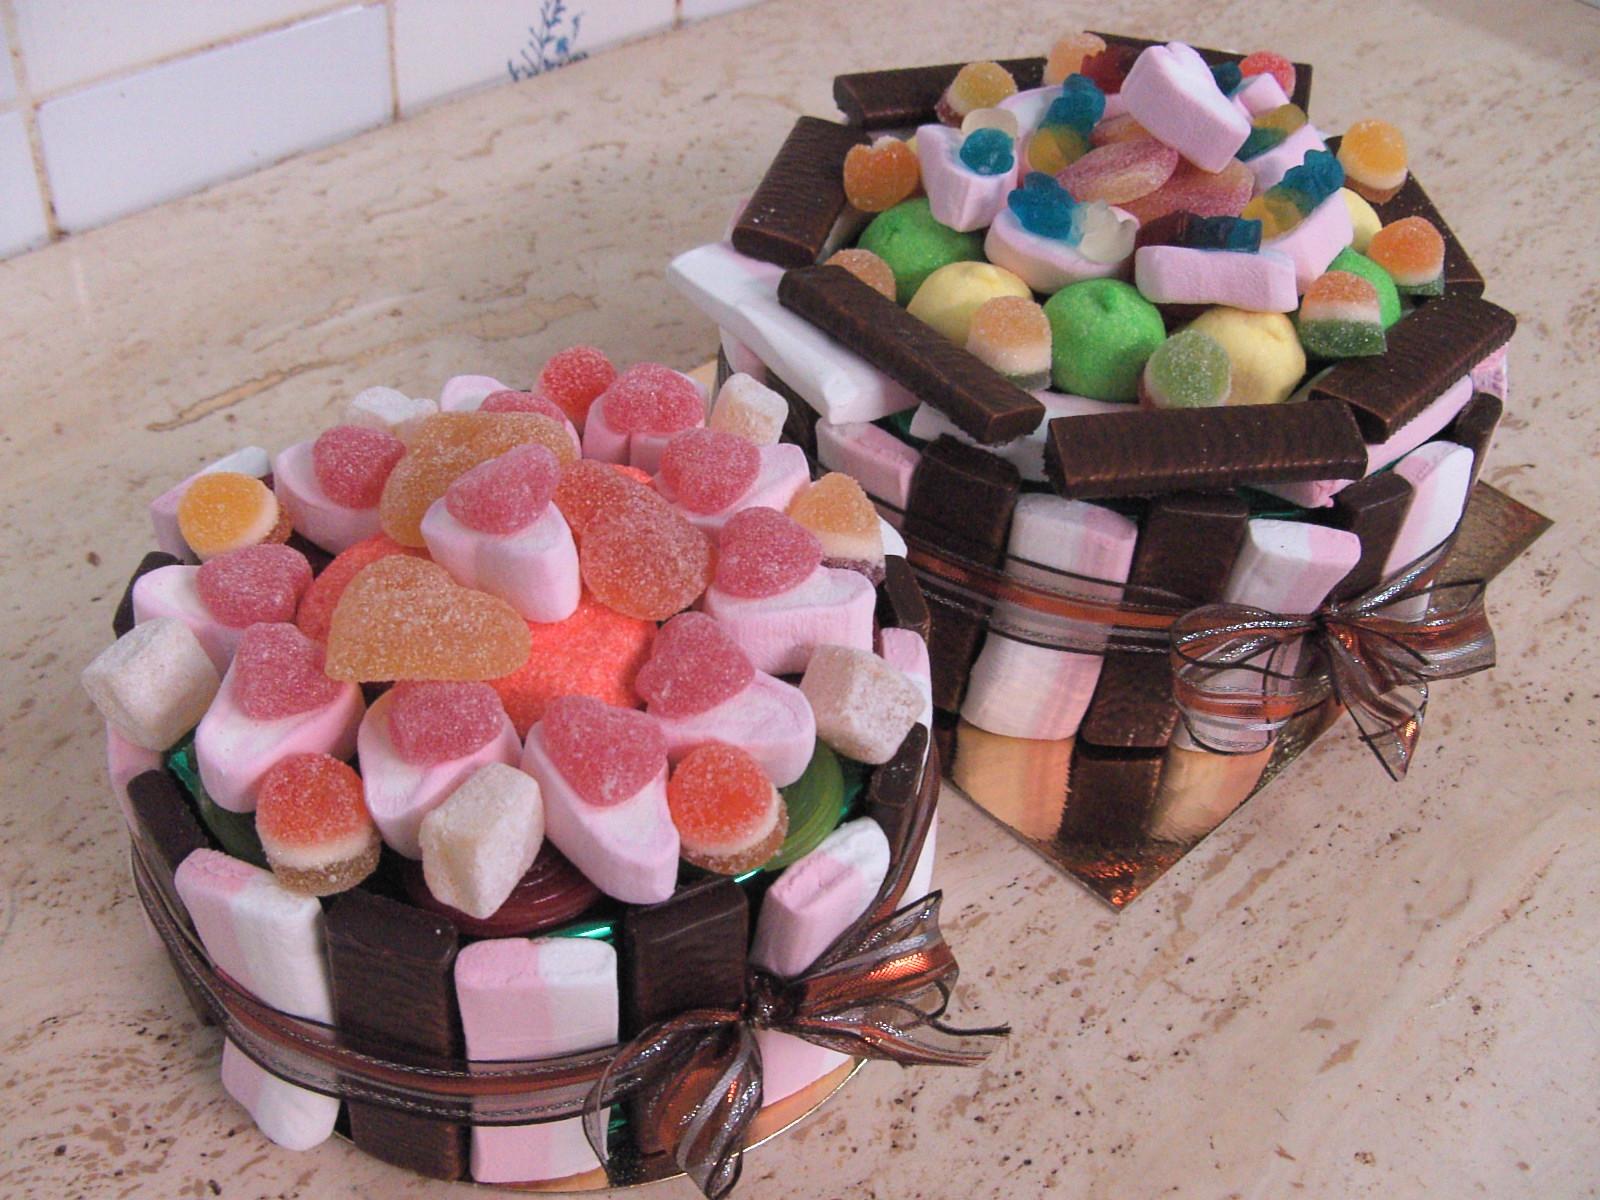 Snoeptaart valentijn - De Muyt